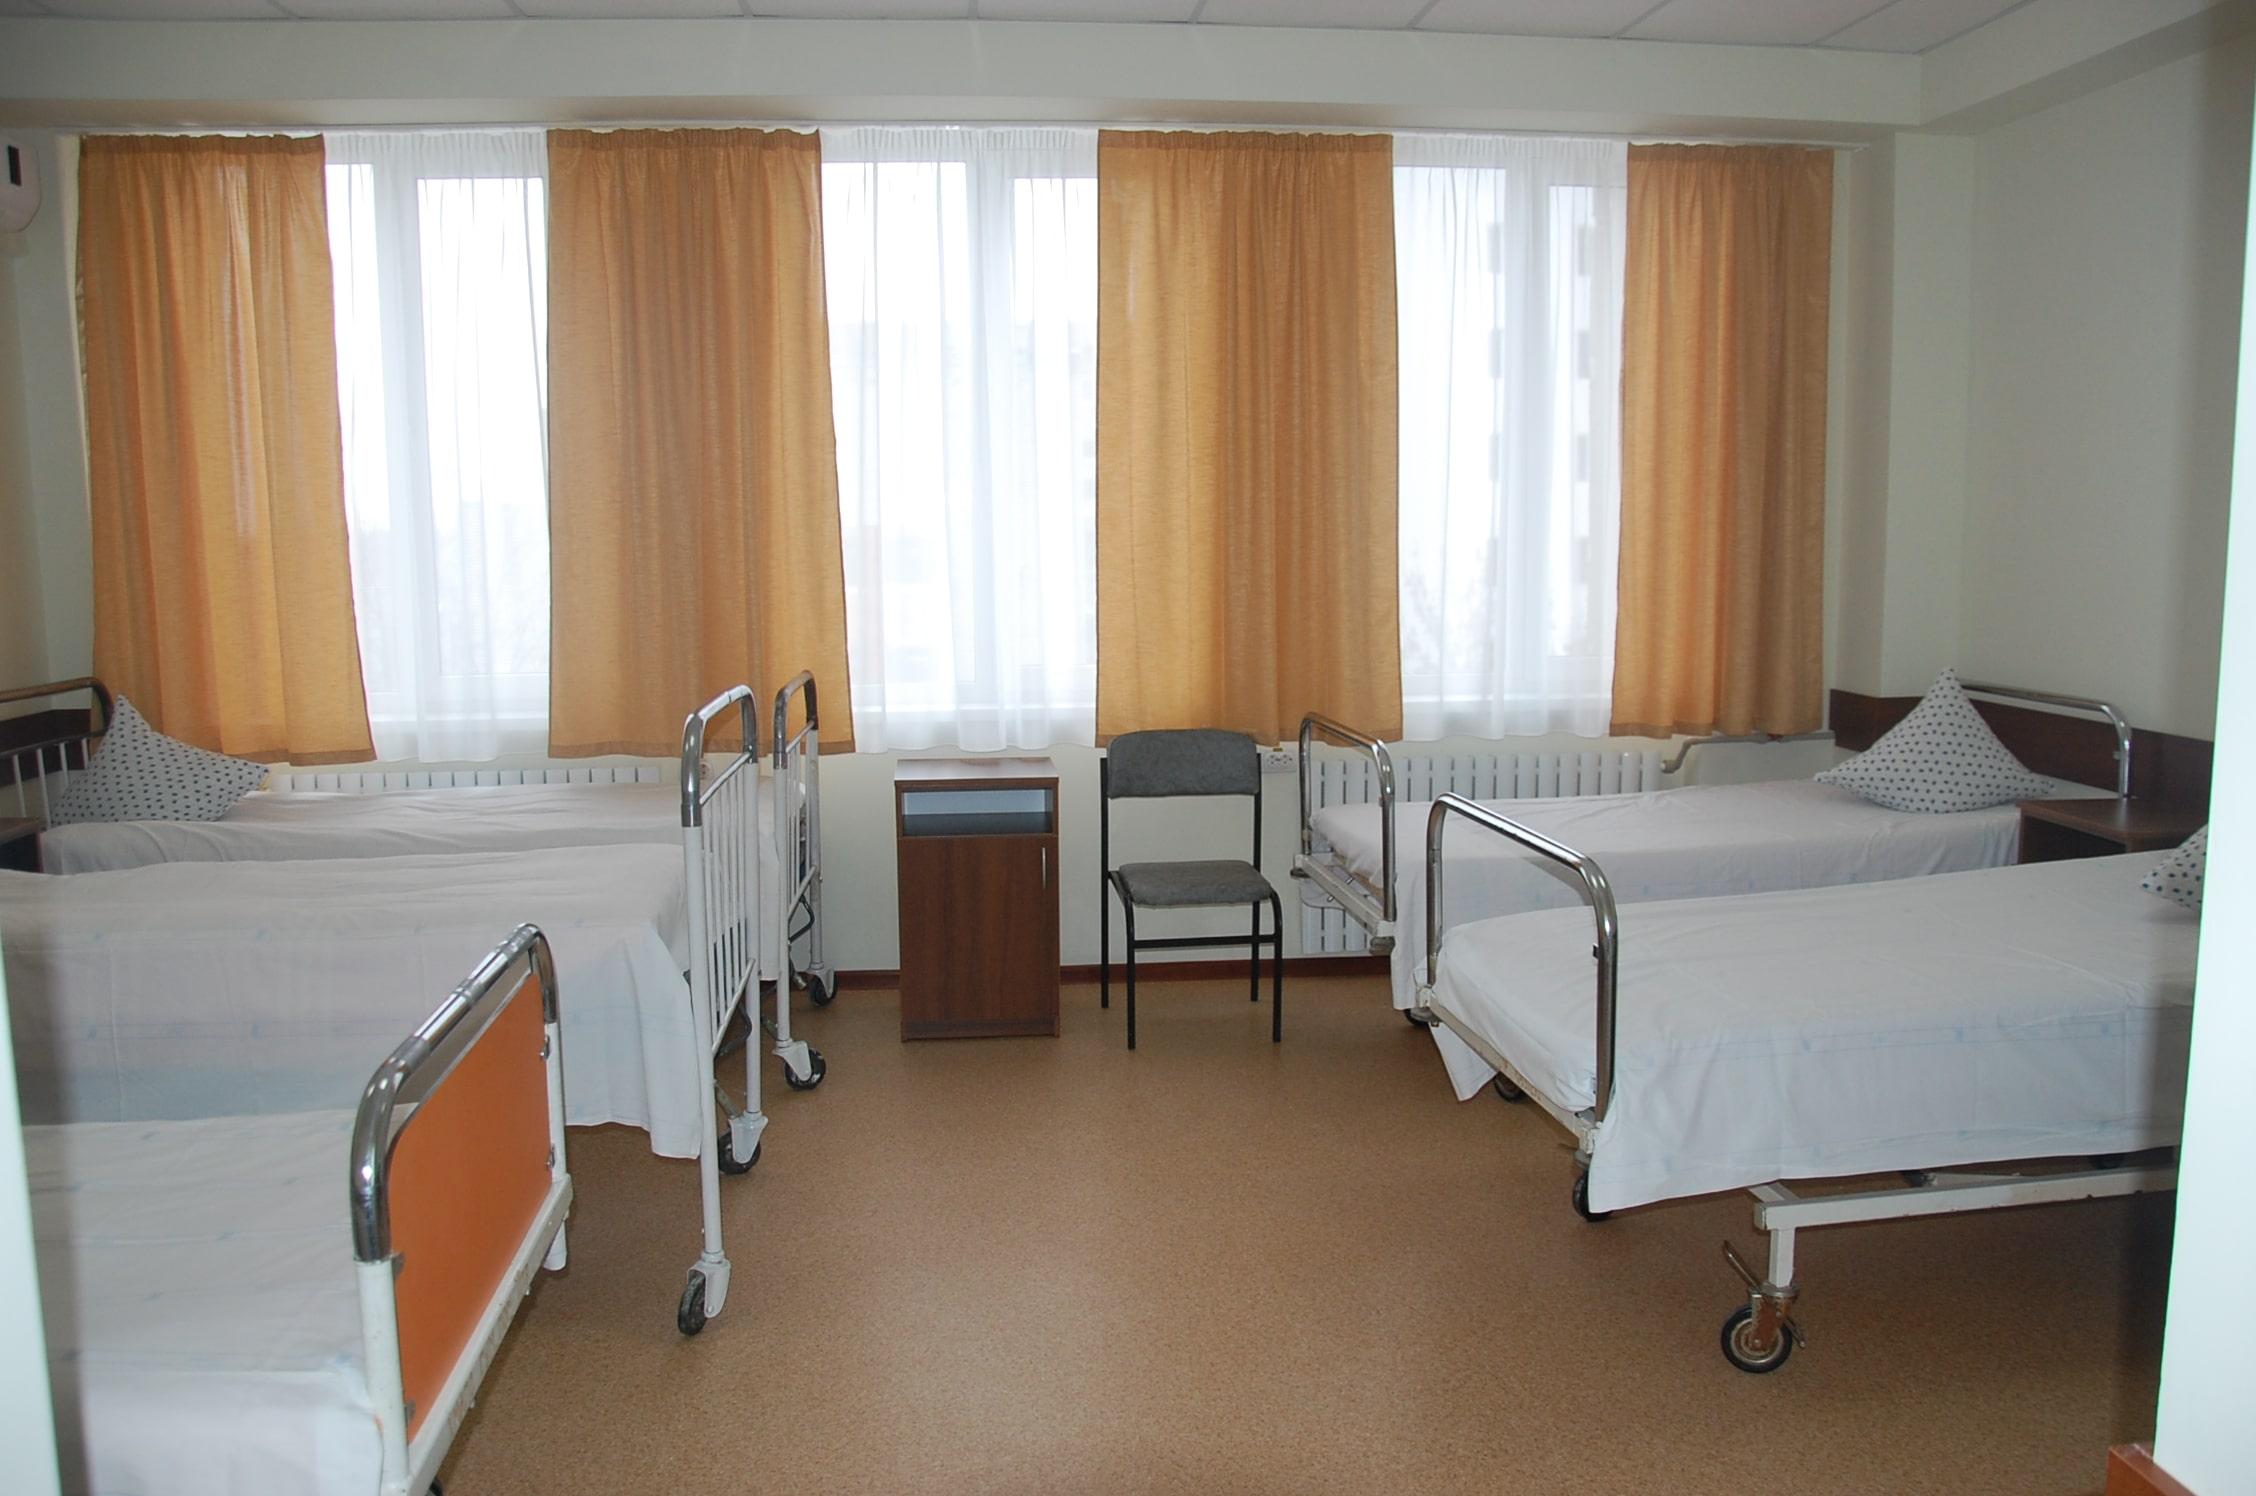 палата ортопед-травматологического отделения